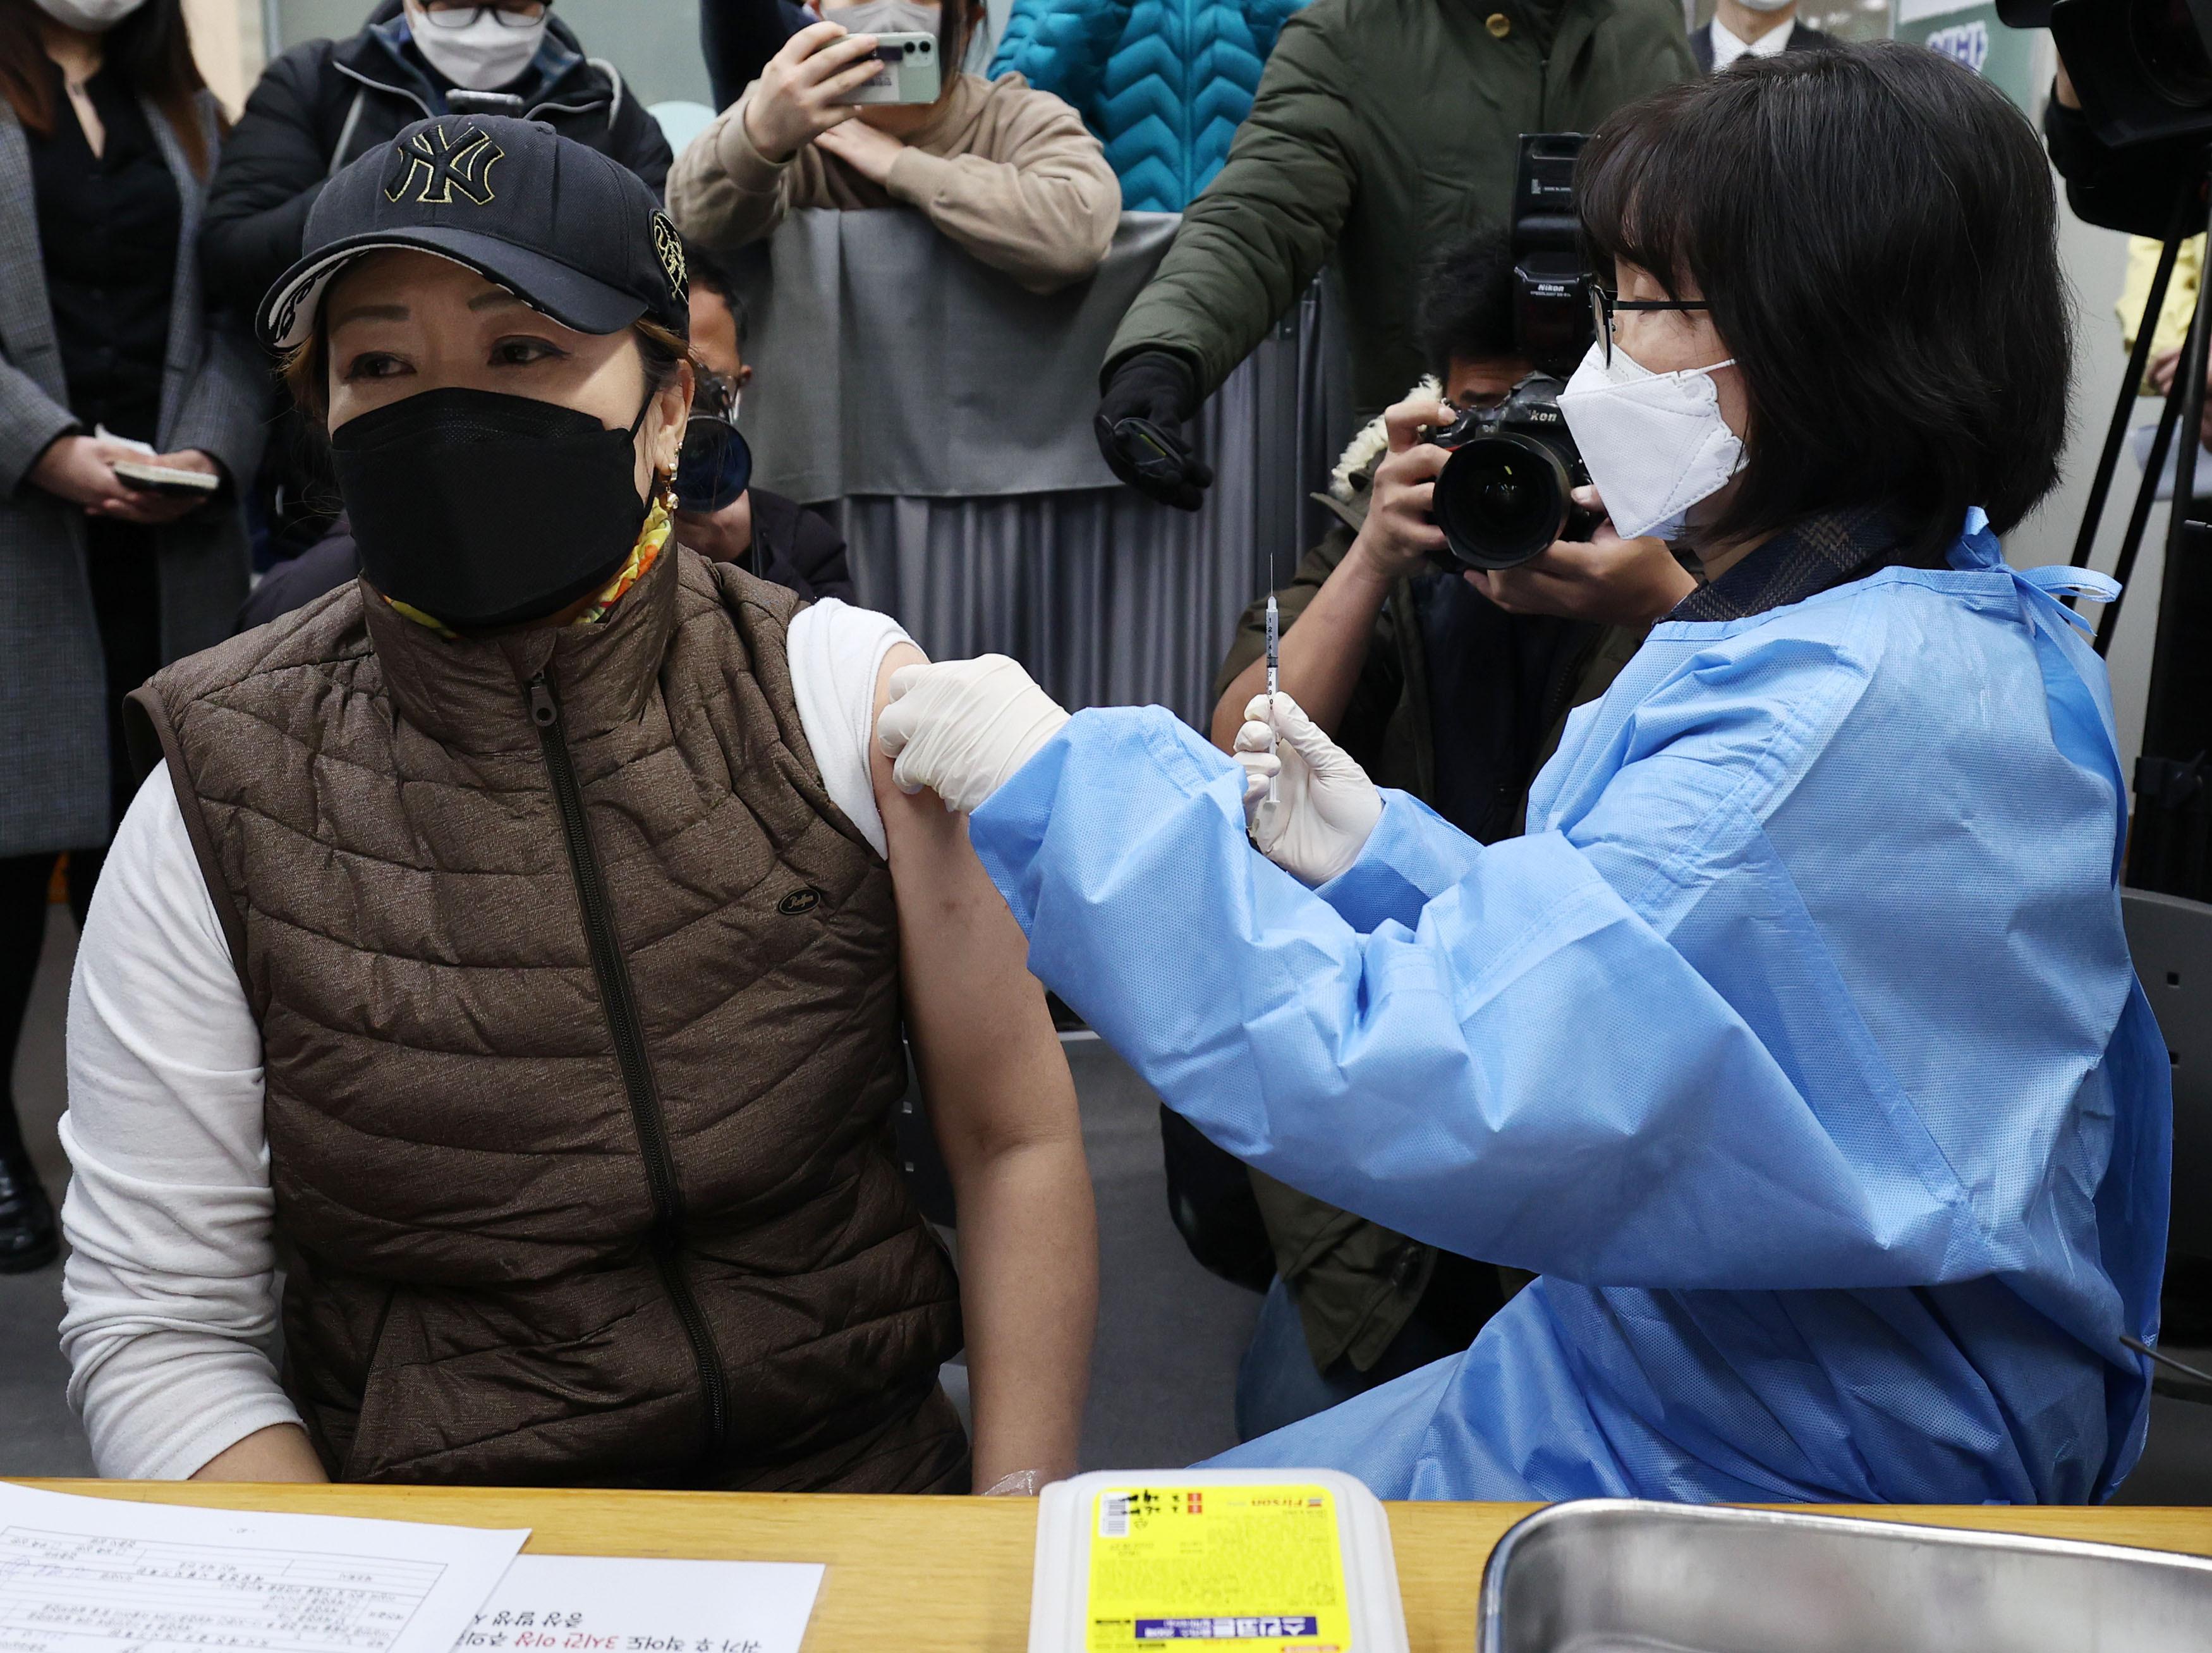 ▲▼仁川有2名護理師在接種AZ新冠疫苗後,出現全身痠痛、高血壓等副作用。(圖/達志影像)